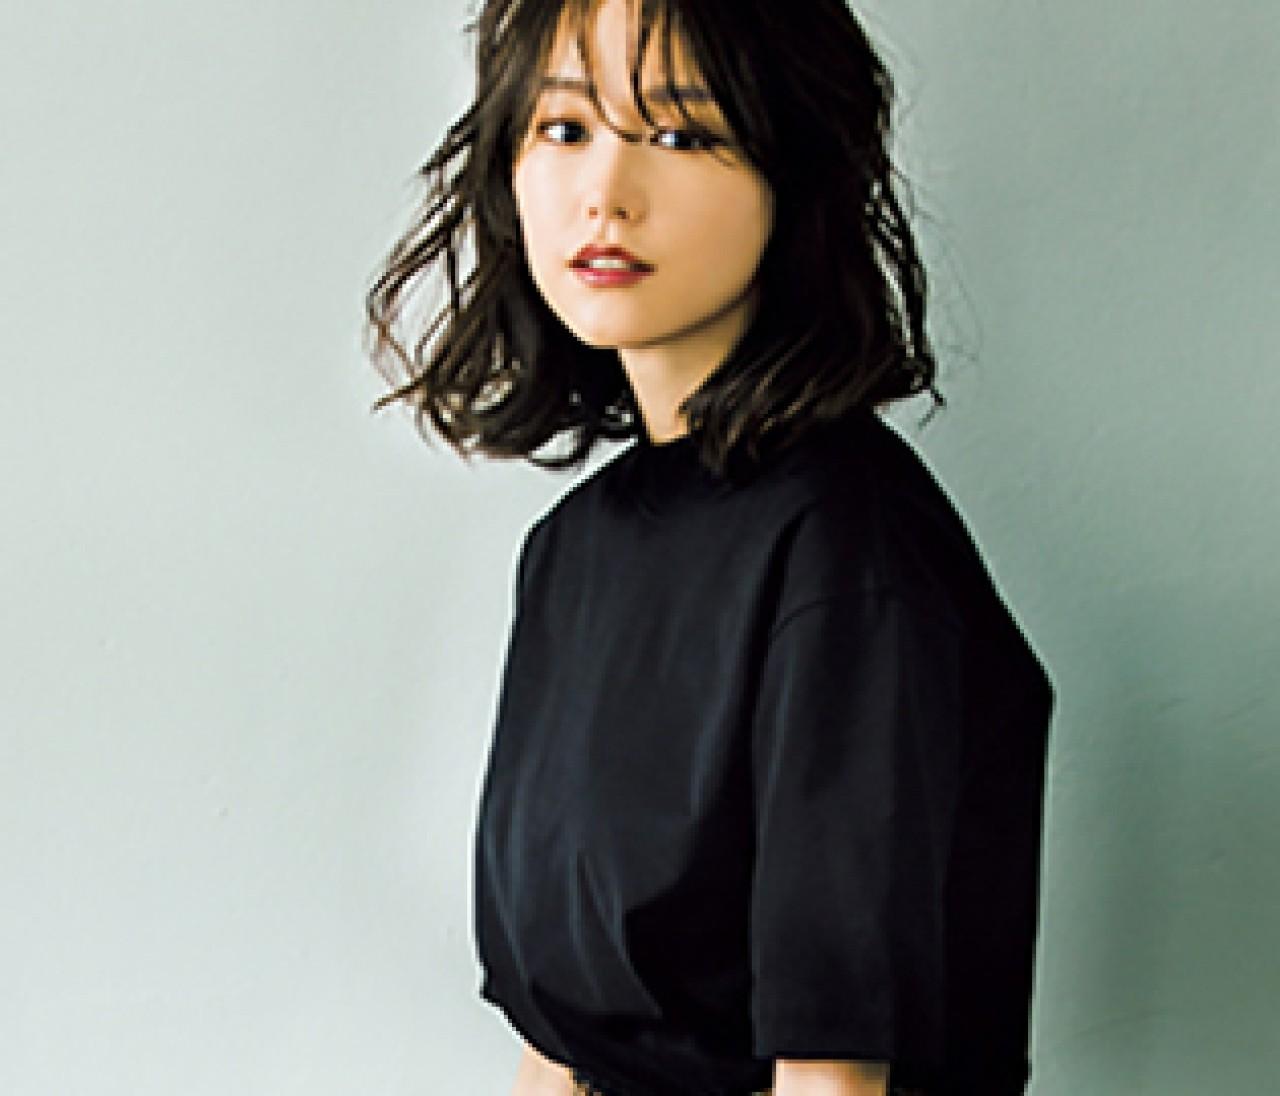 【ZARA、プラステ、ミラ オーウェンetc.】高コスパ新作7選で秋気分を+1!